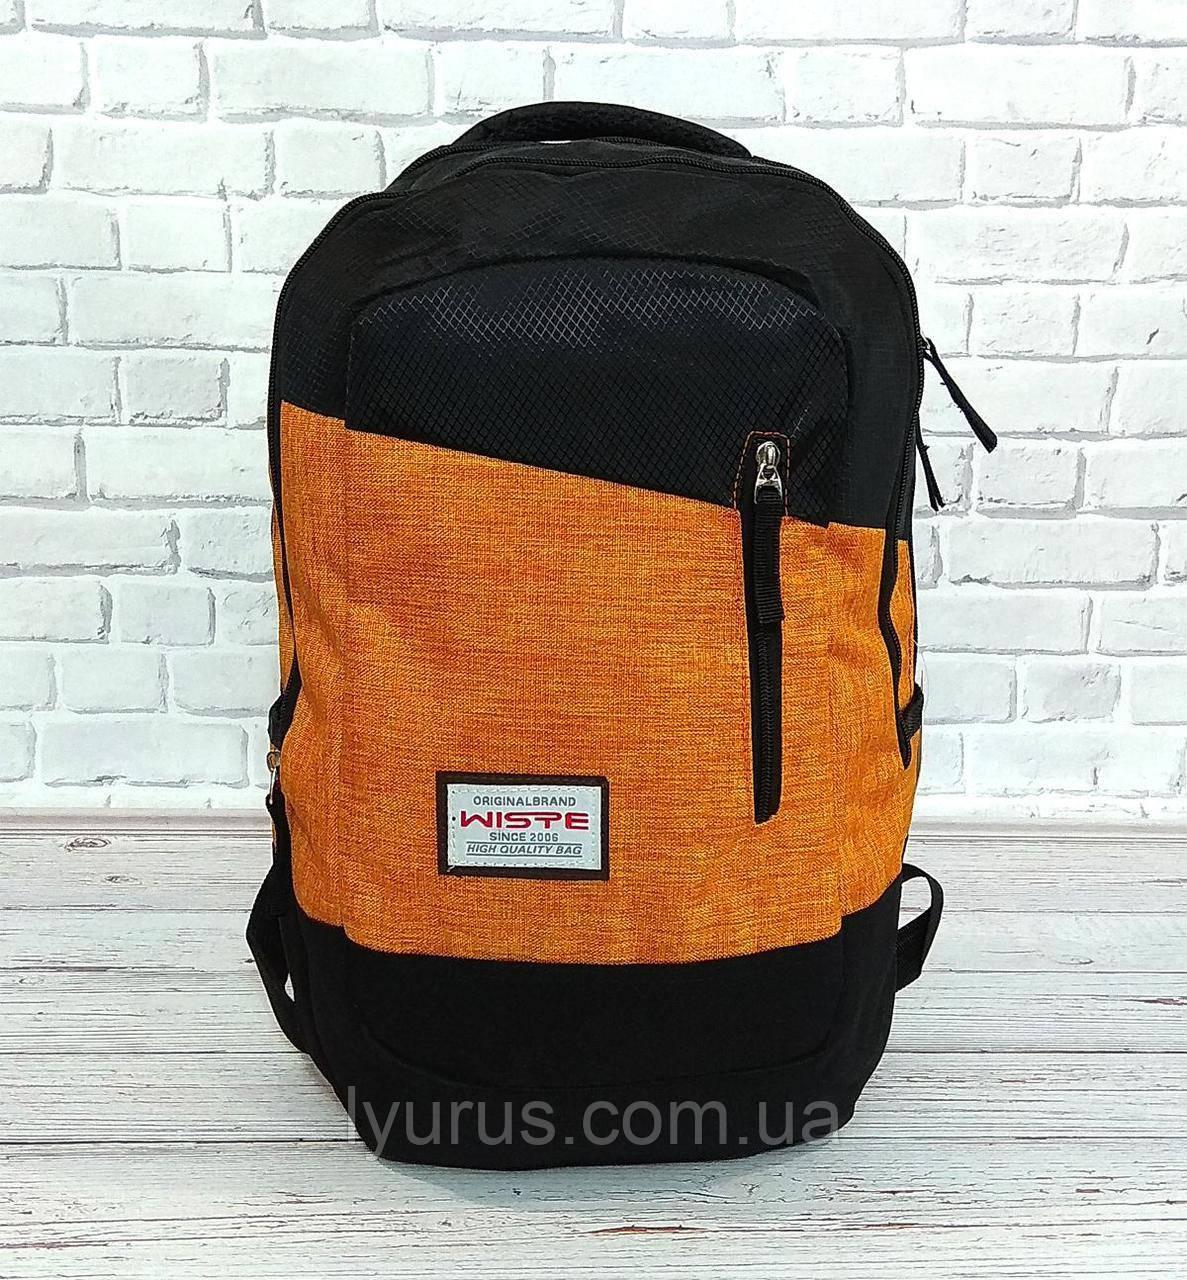 Рюкзак Wiste жовтий з чорним. Міський, шкільний.